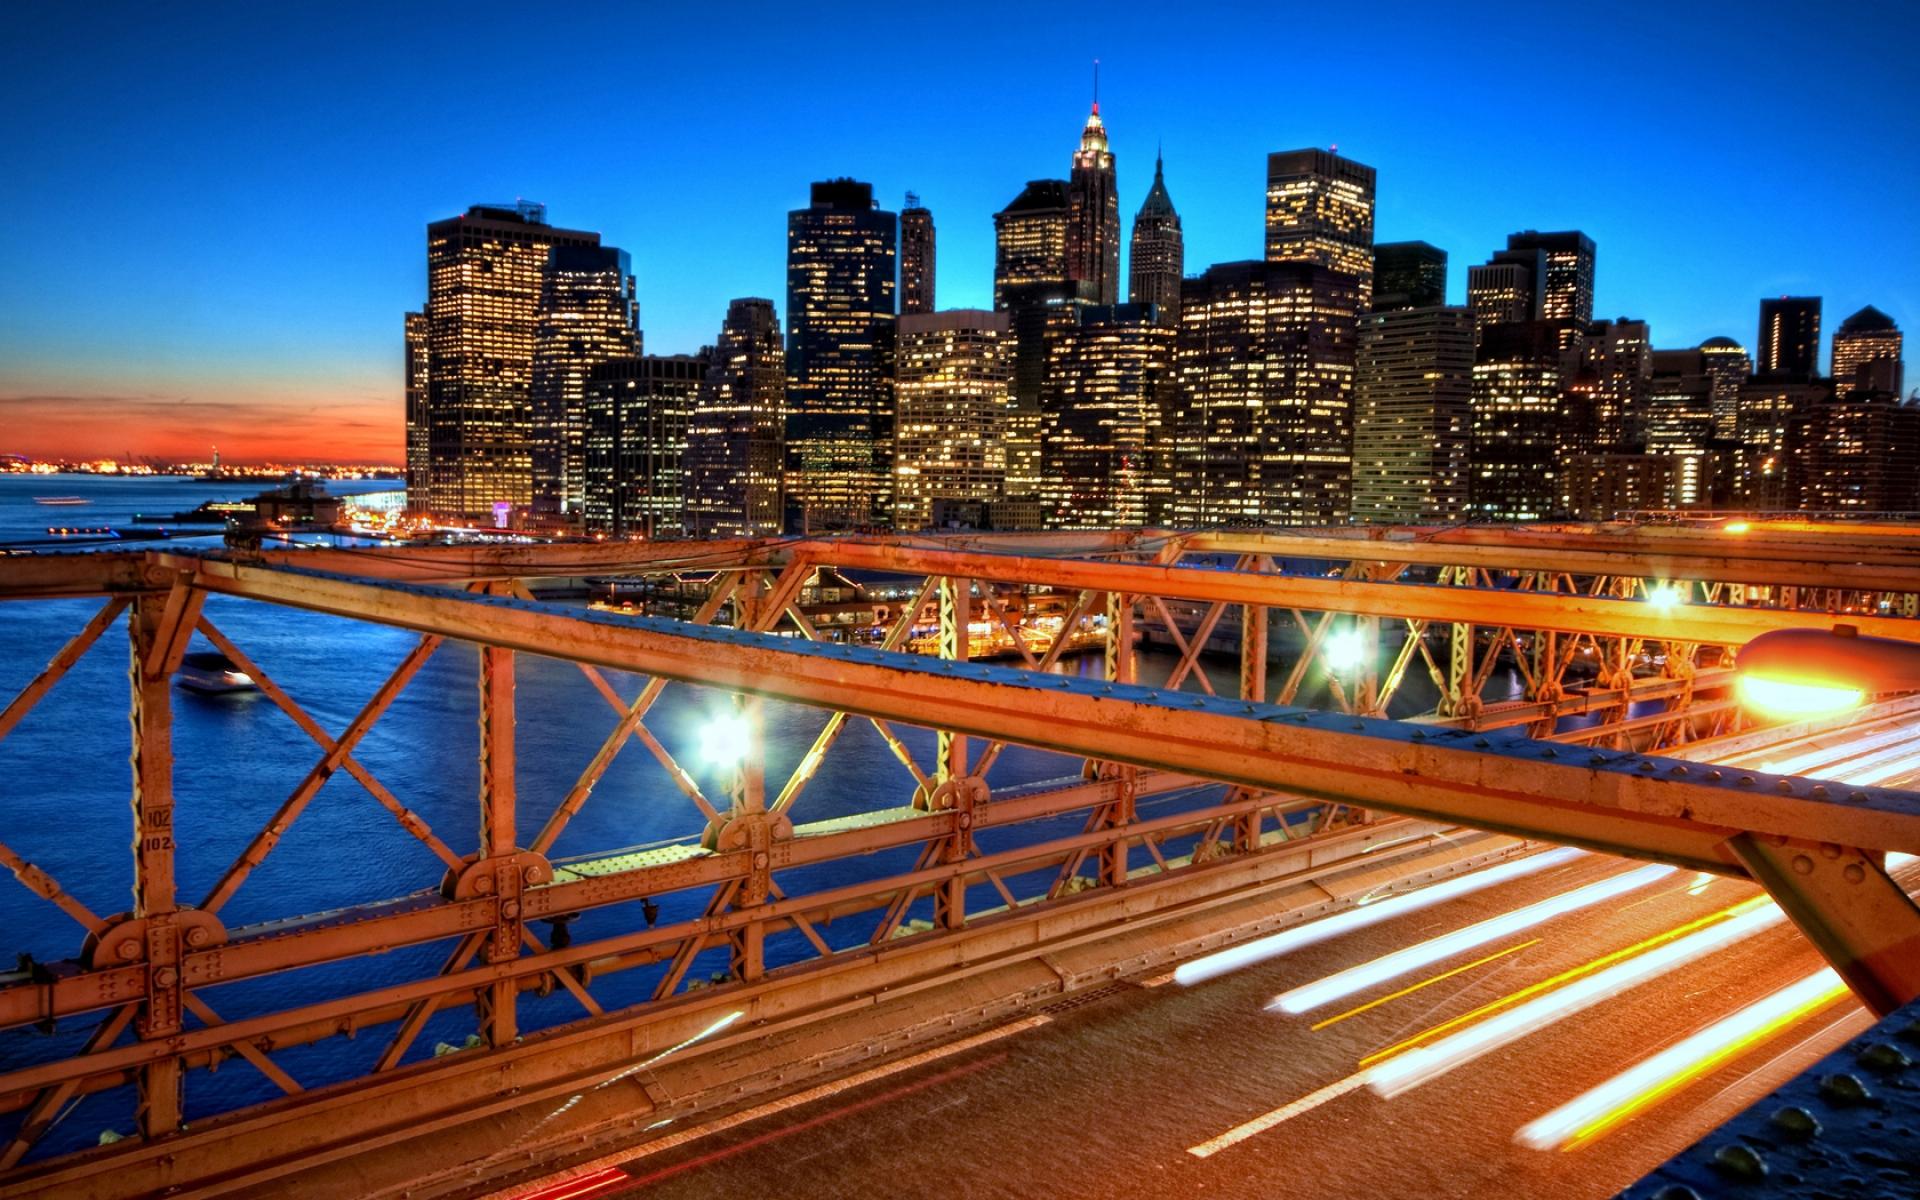 Картинки нью -йорк, закат, мост, небоскребы фото и обои на рабочий стол